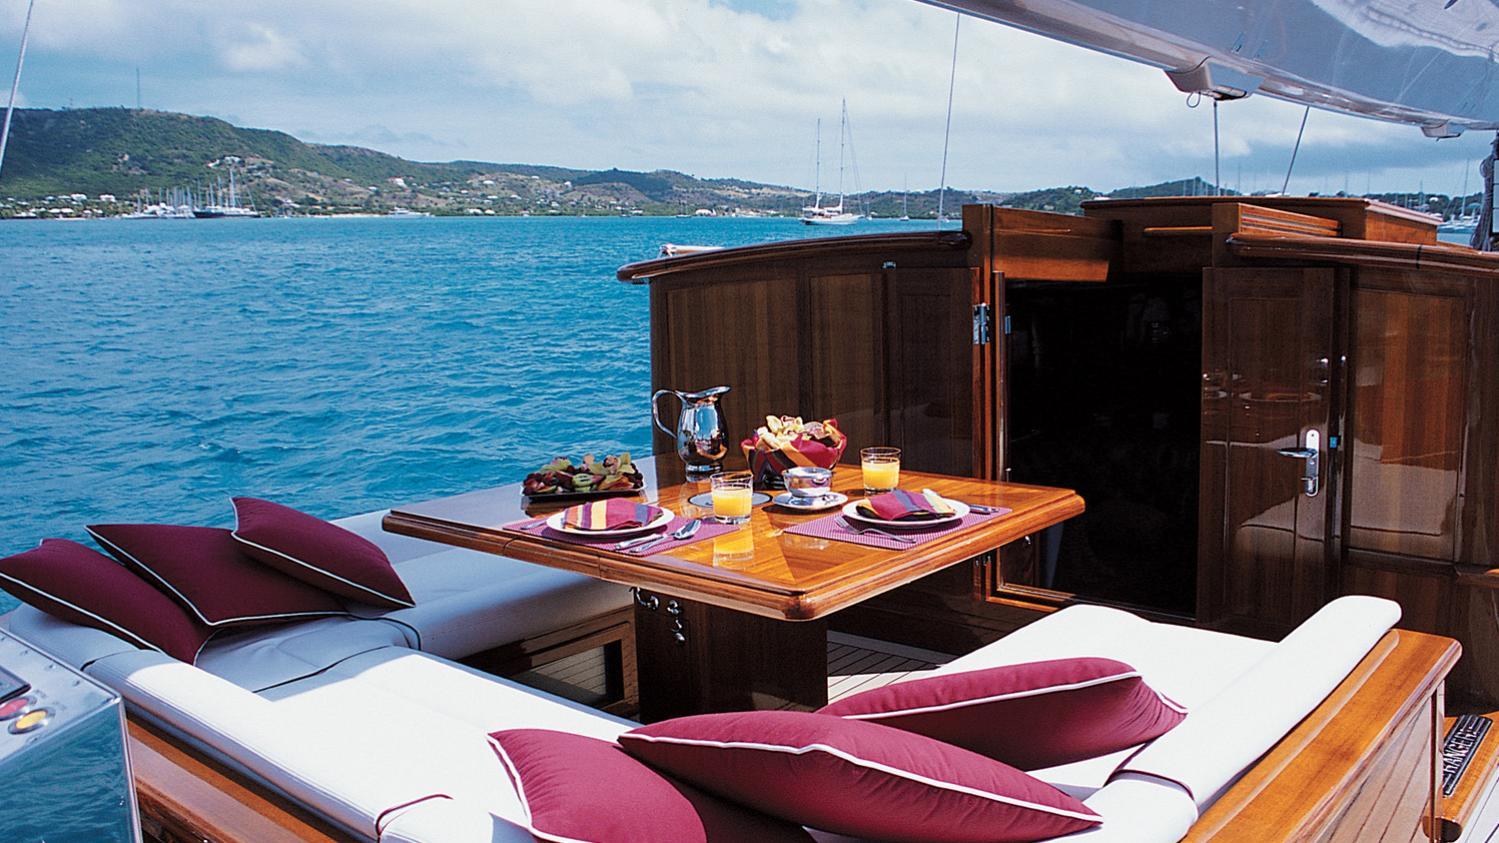 ranger-sailing-yacht-danish-2003-42m-sun-deck